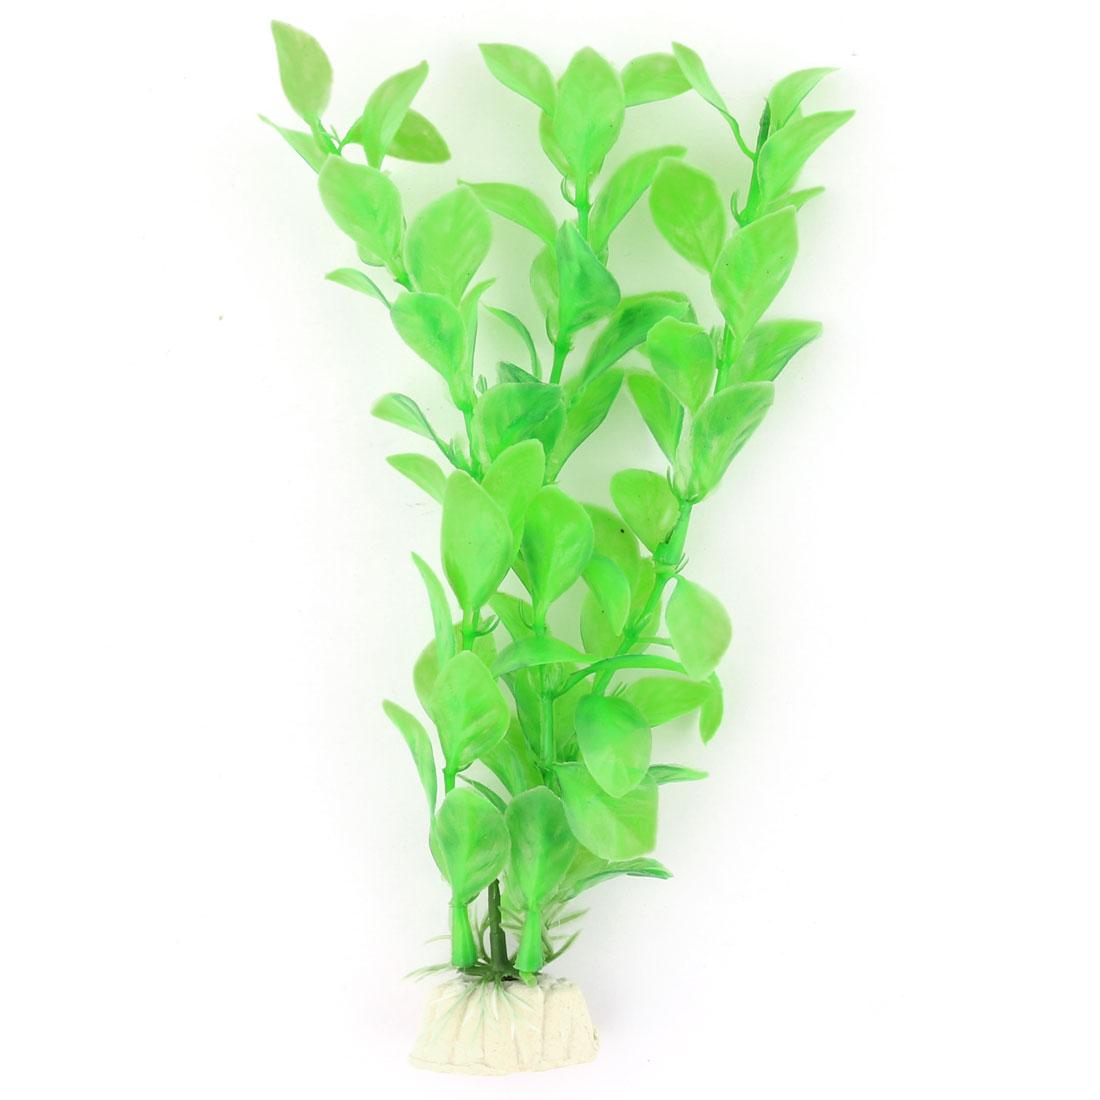 Aquarium Fish Bowl Plastic Artificial Plant Grass Ornament Green 17cm Height